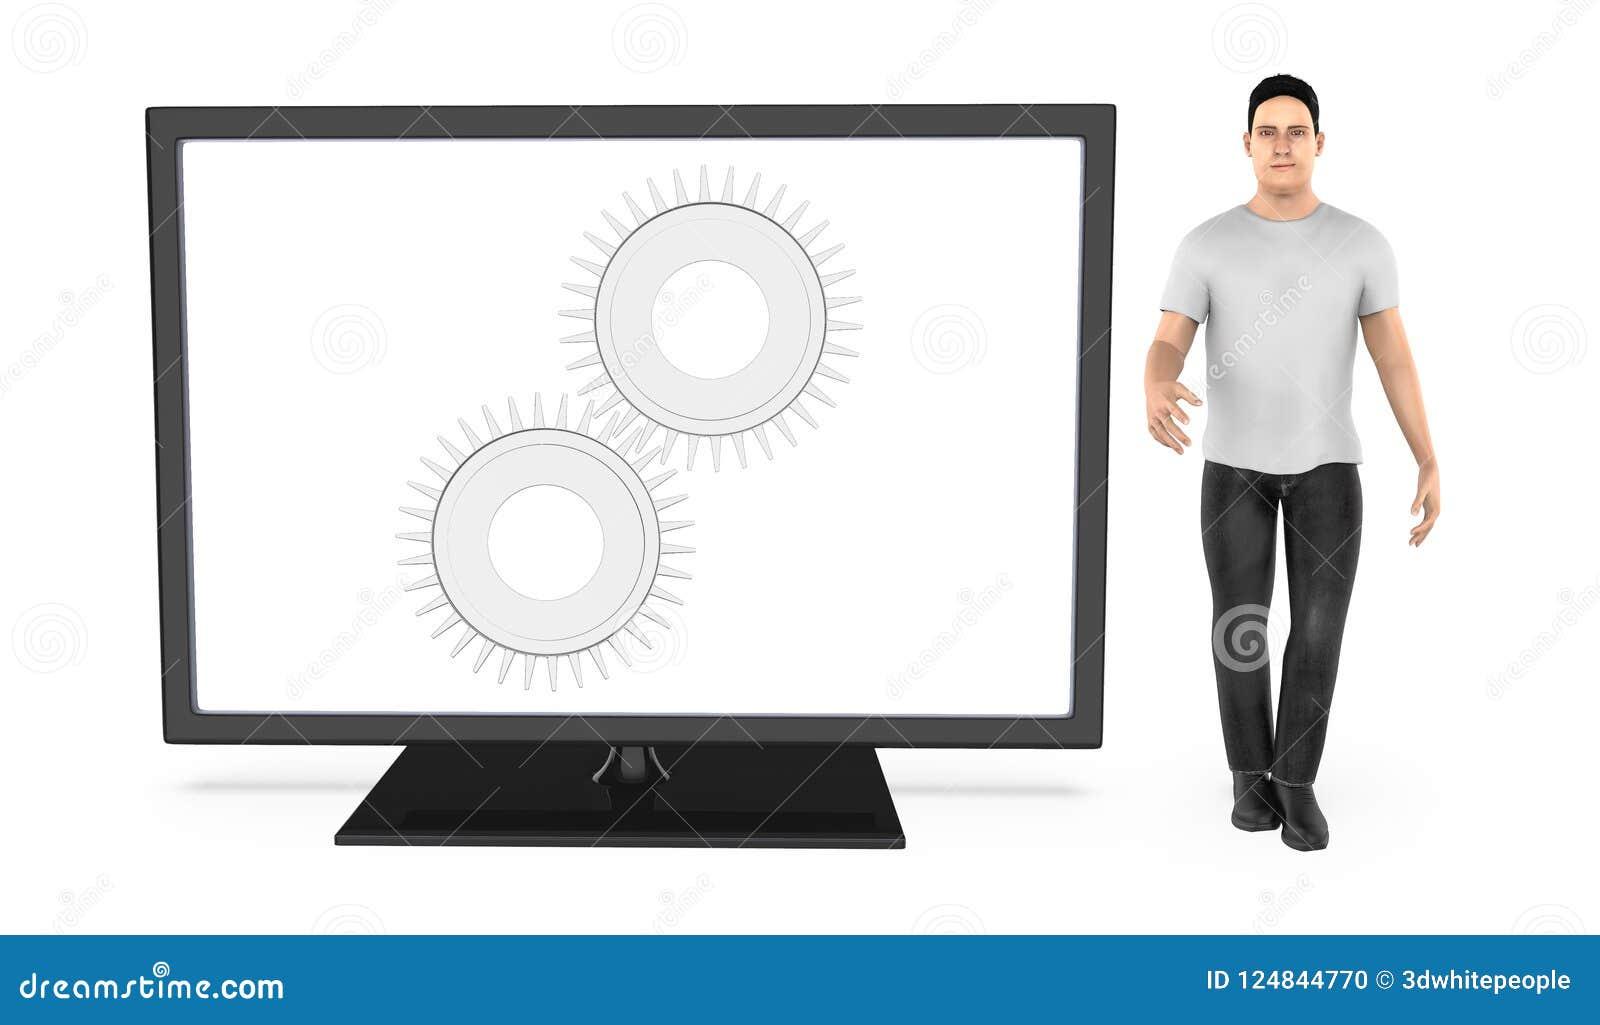 3d характер, человек стоя около экрана монитора с cogwheel в ем - фишка, регулирует, установки